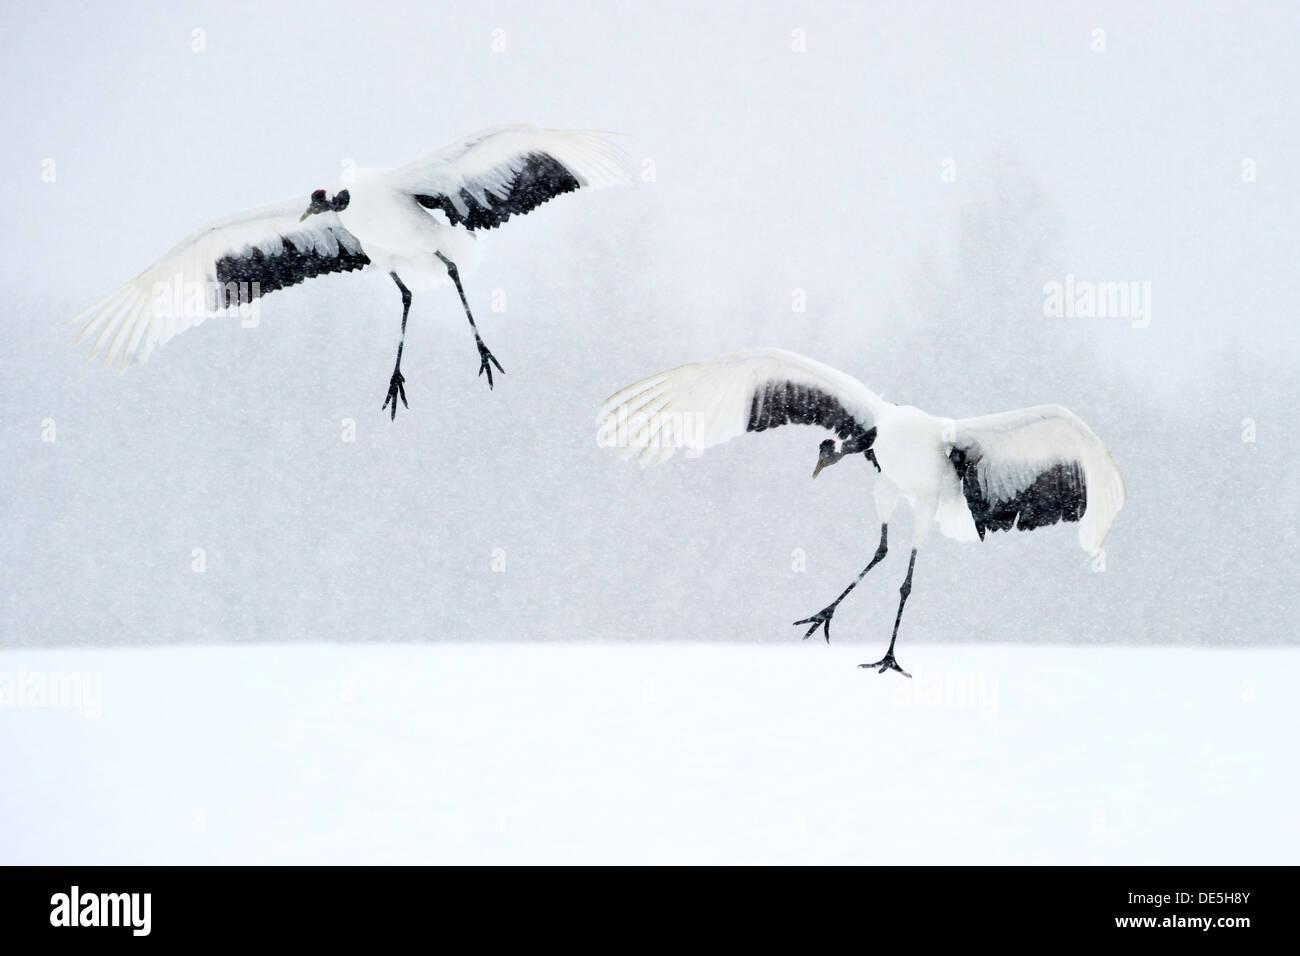 Japanische Landung auf Schnee für Balz Krane Stockbild